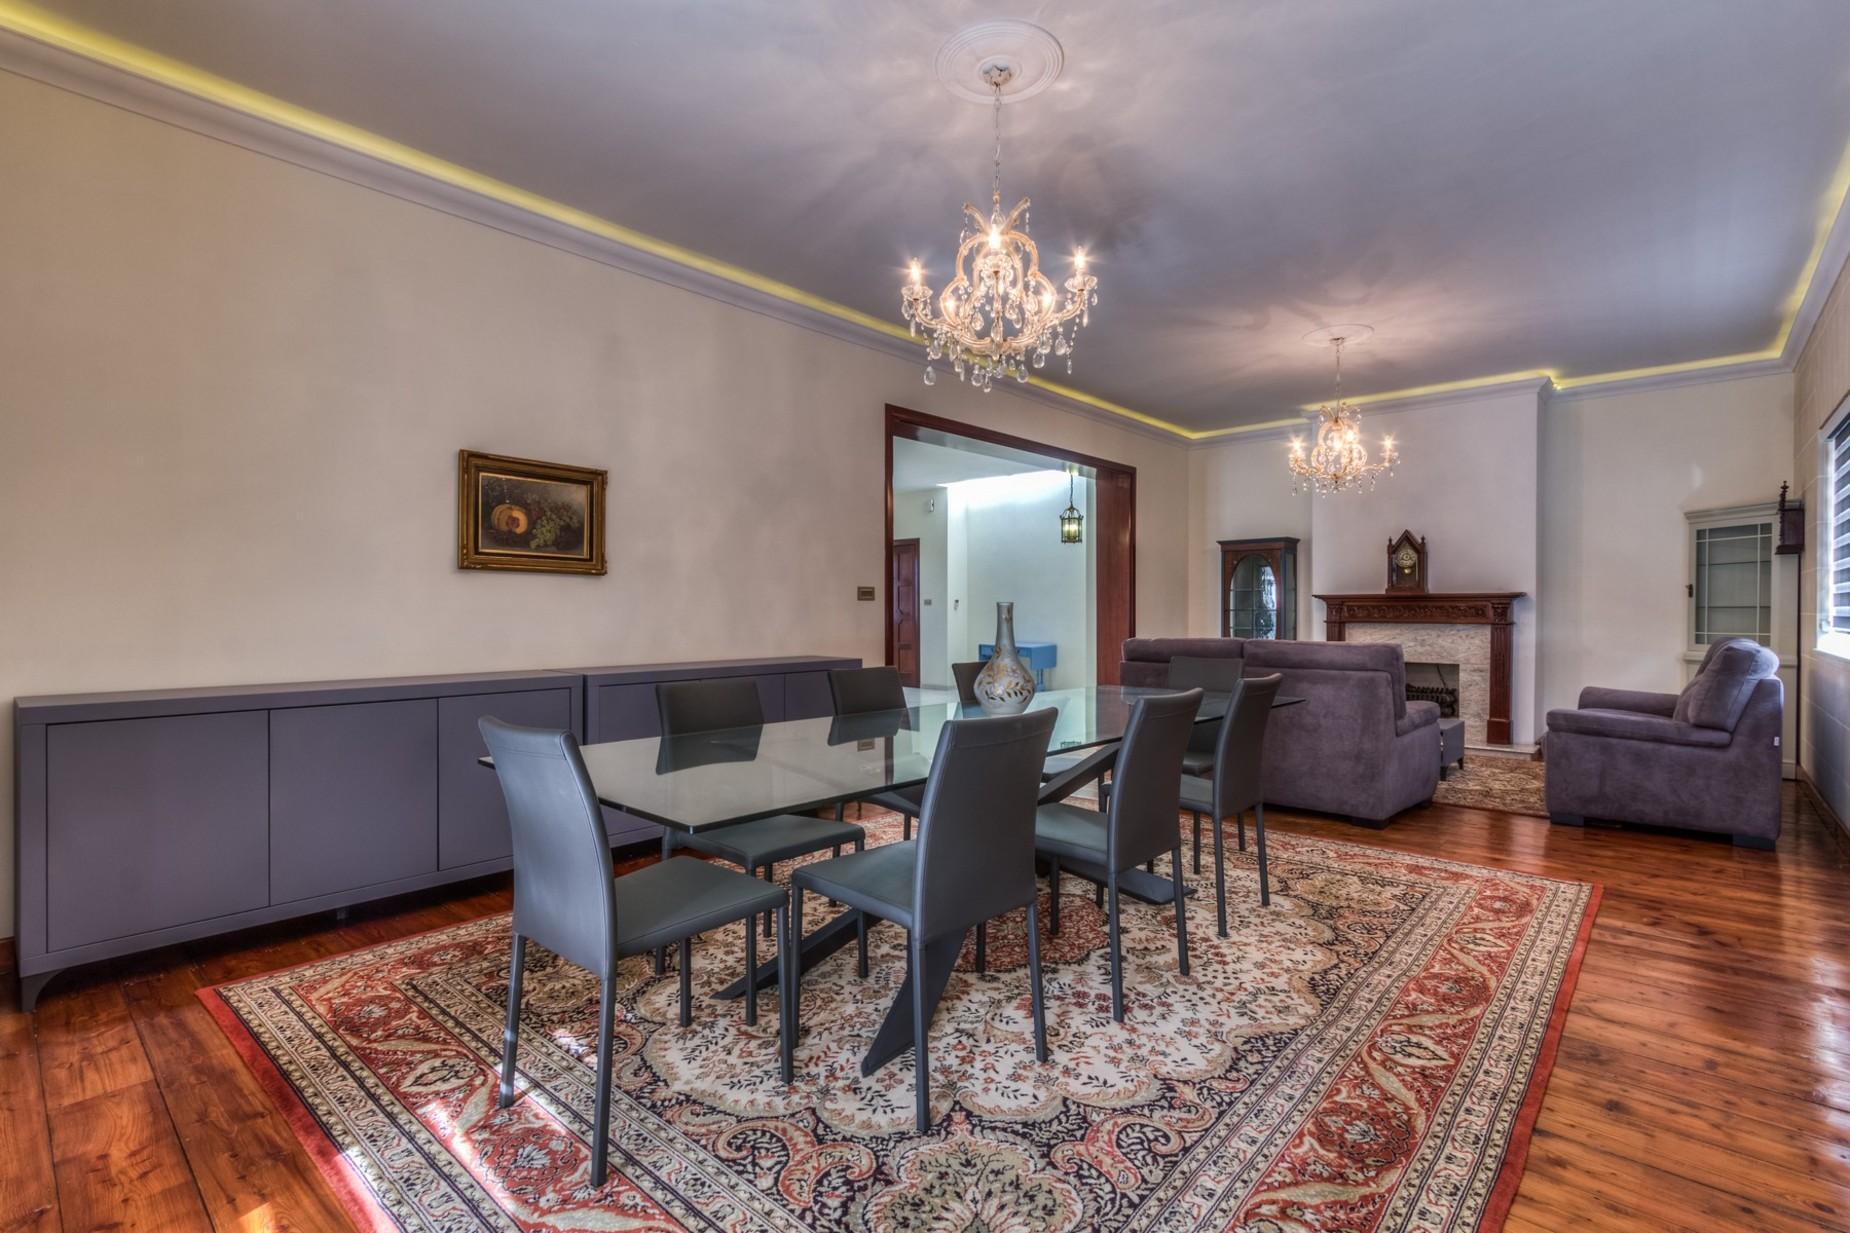 3 bed Villa For Rent in Rabat, Rabat - thumb 14